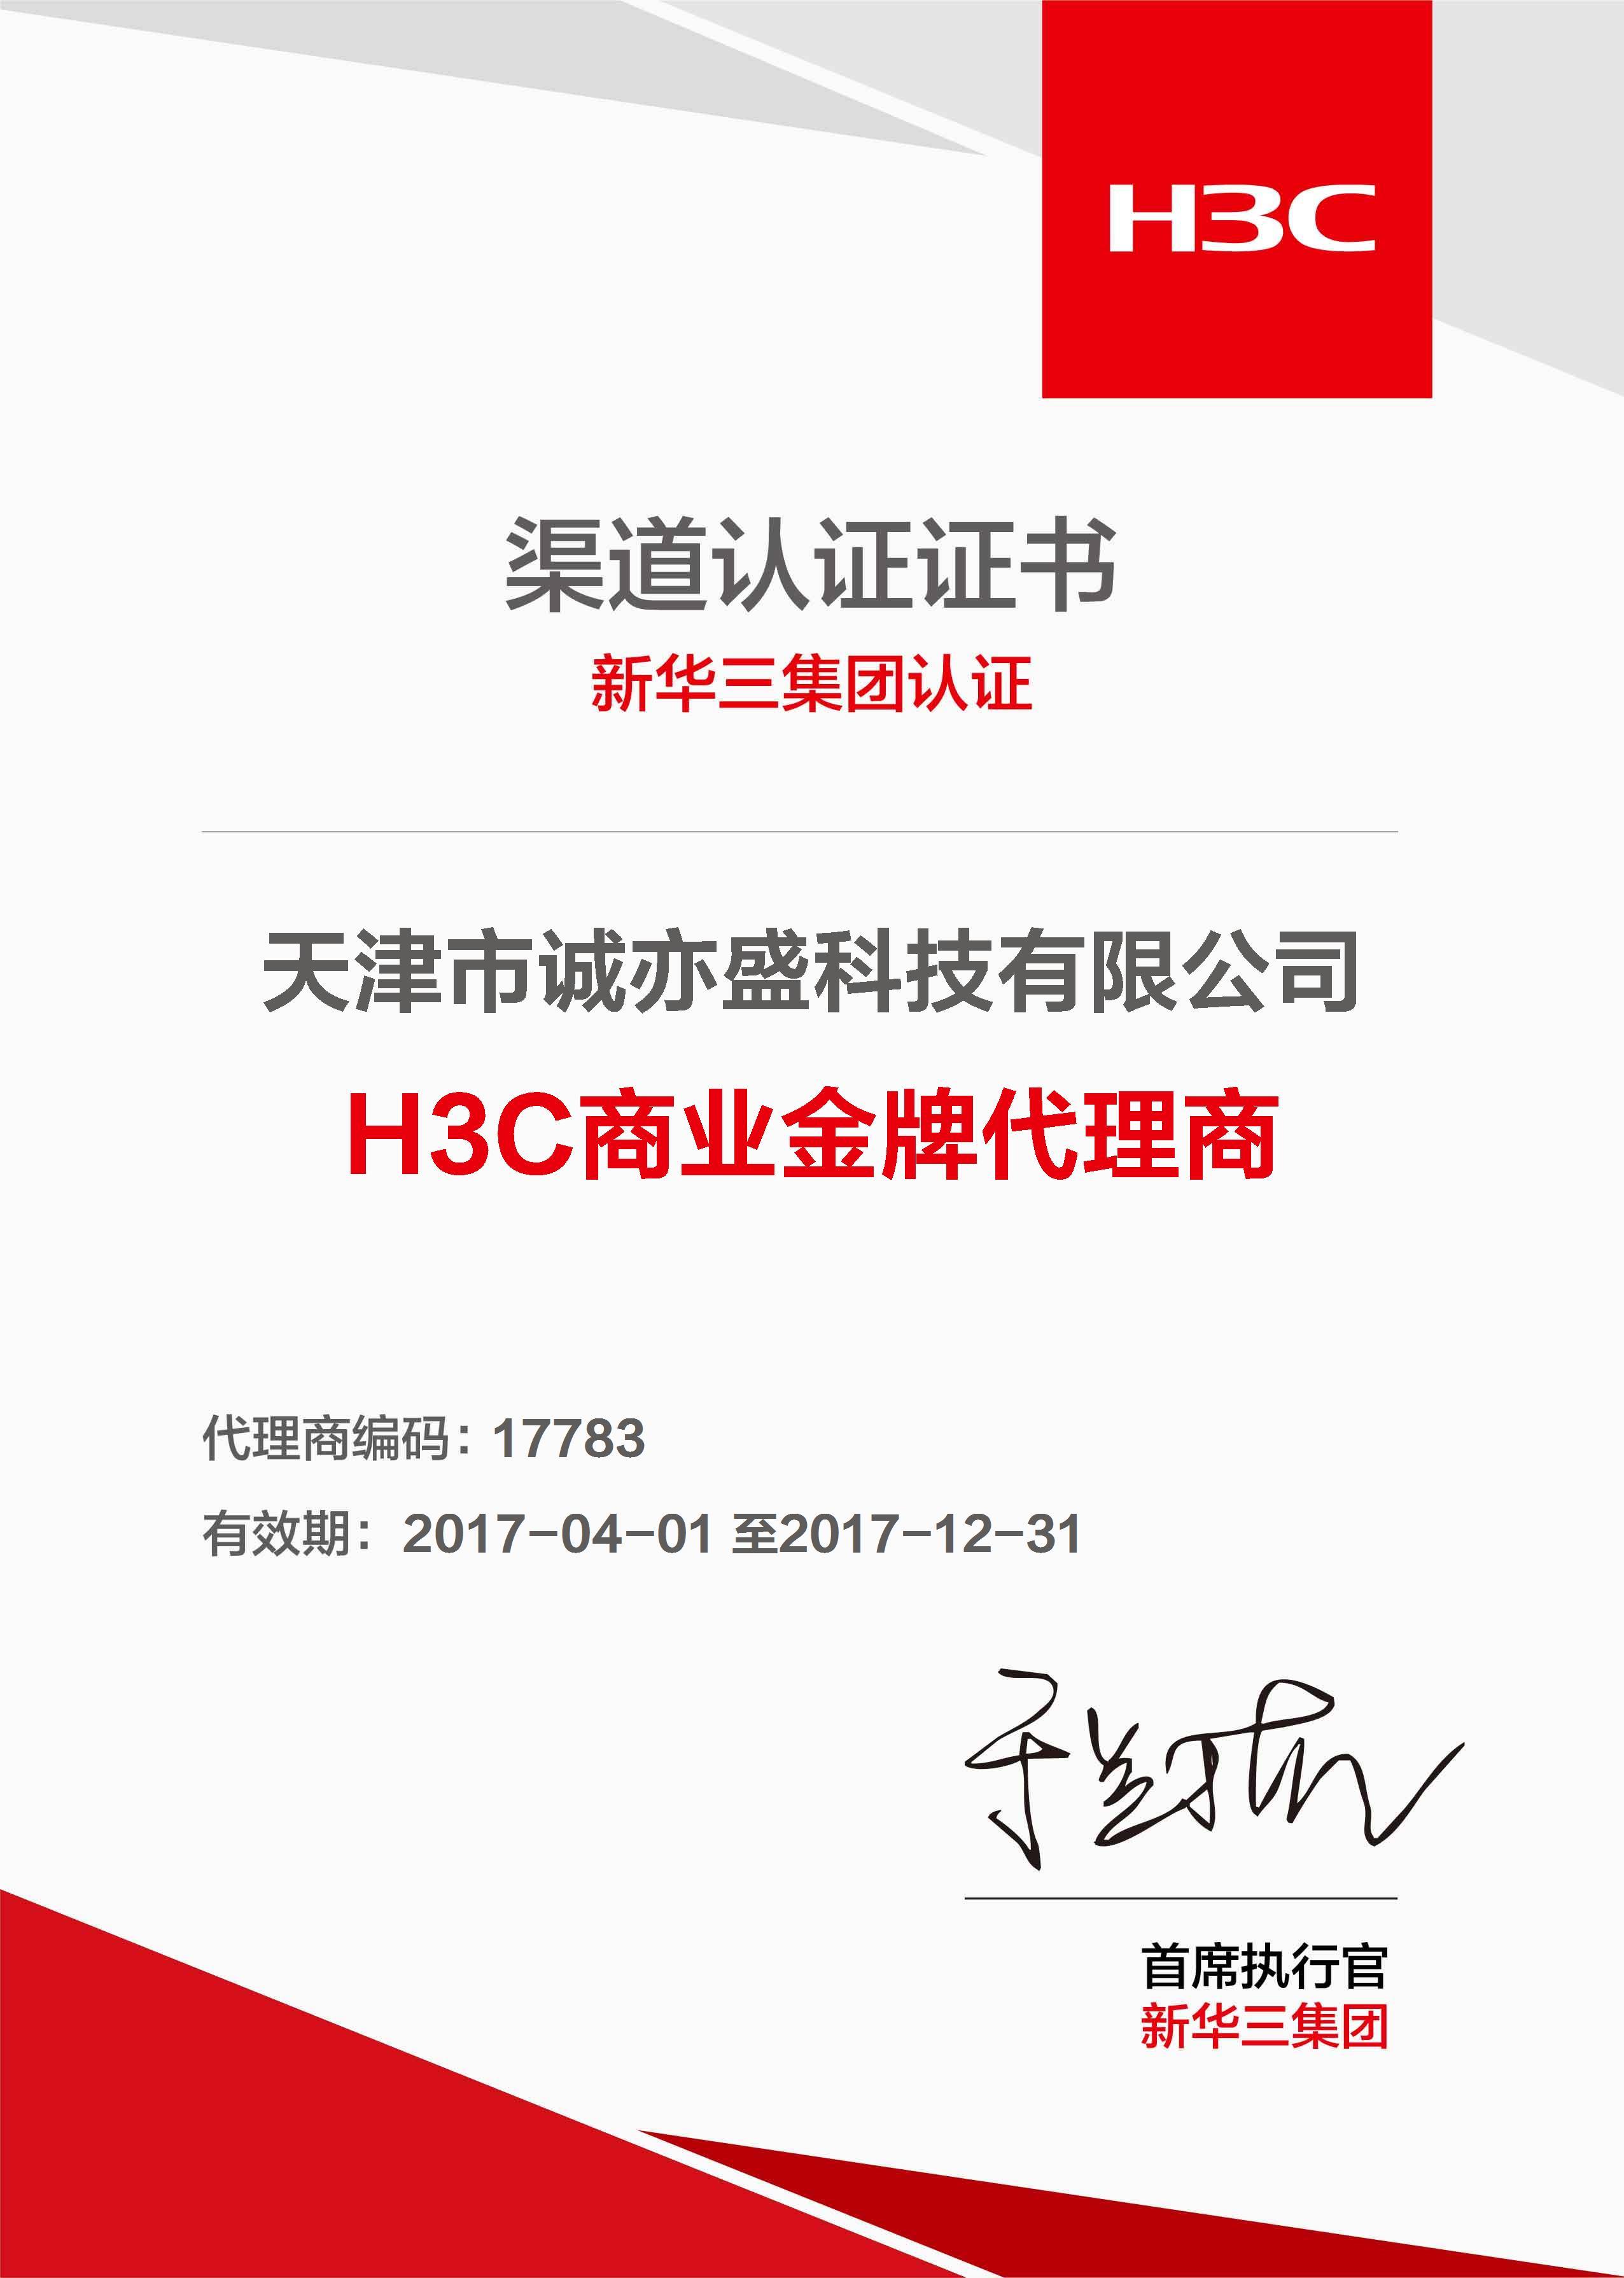 <p> 华三H3C </p>